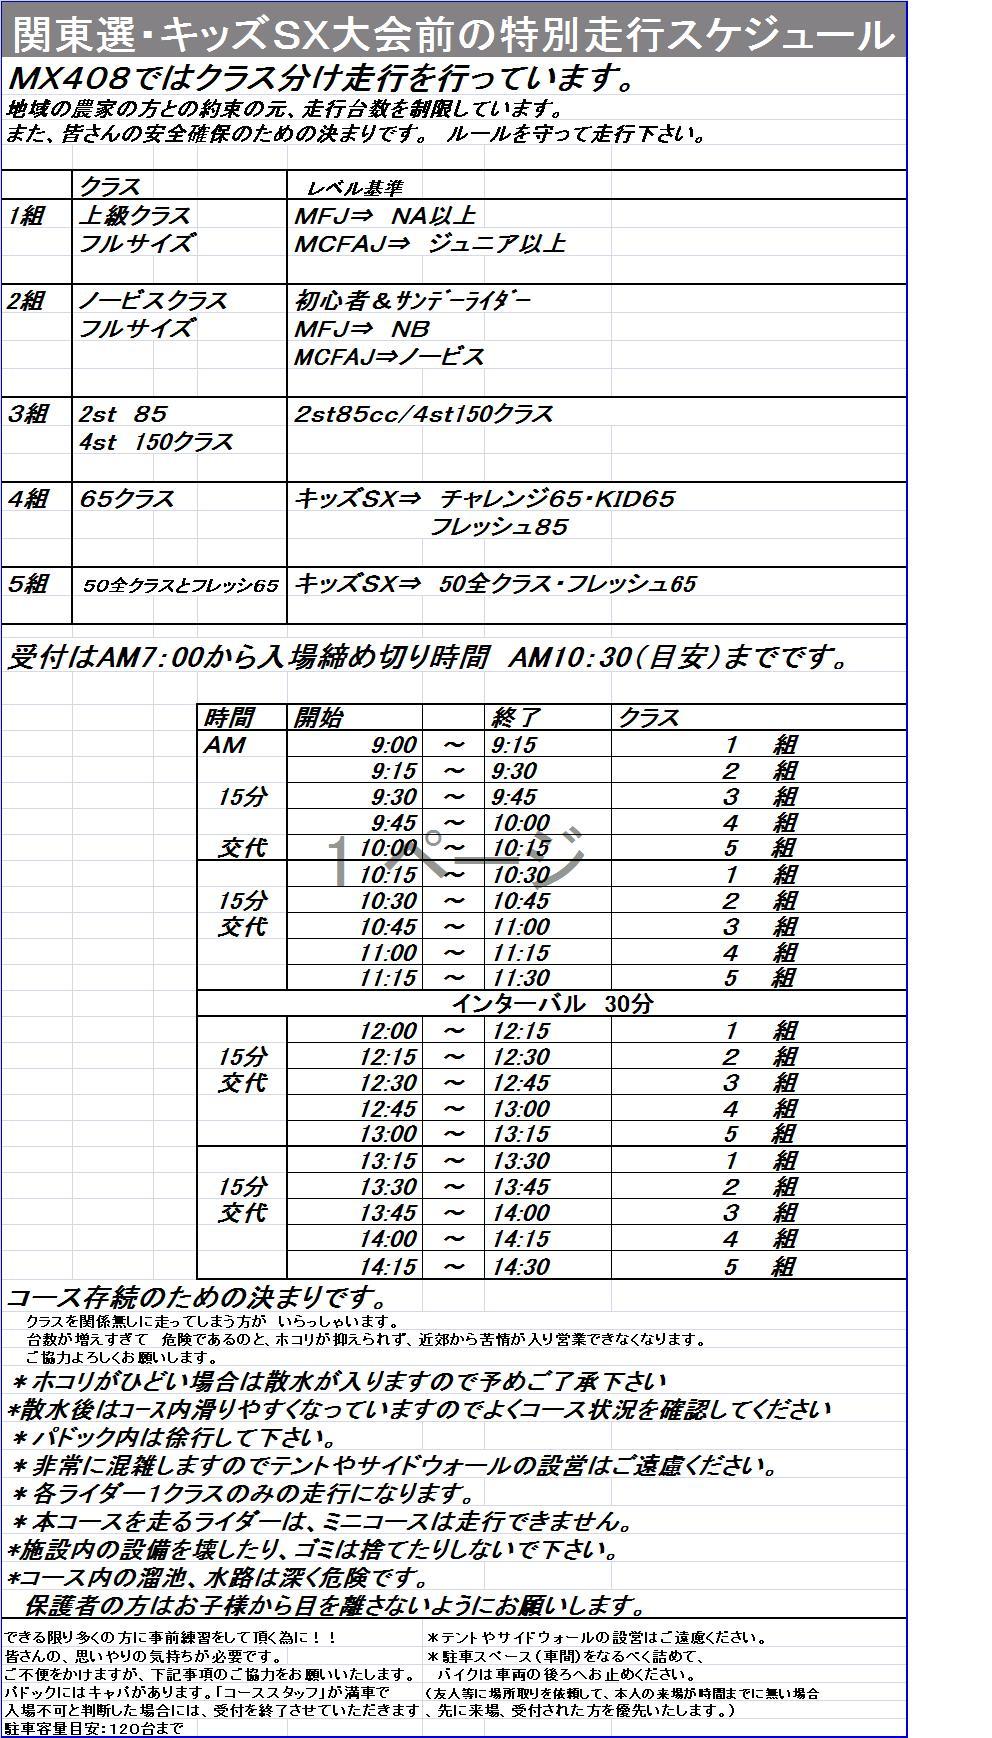 レース前特別フリー走行時間について_f0158379_1442521.jpg